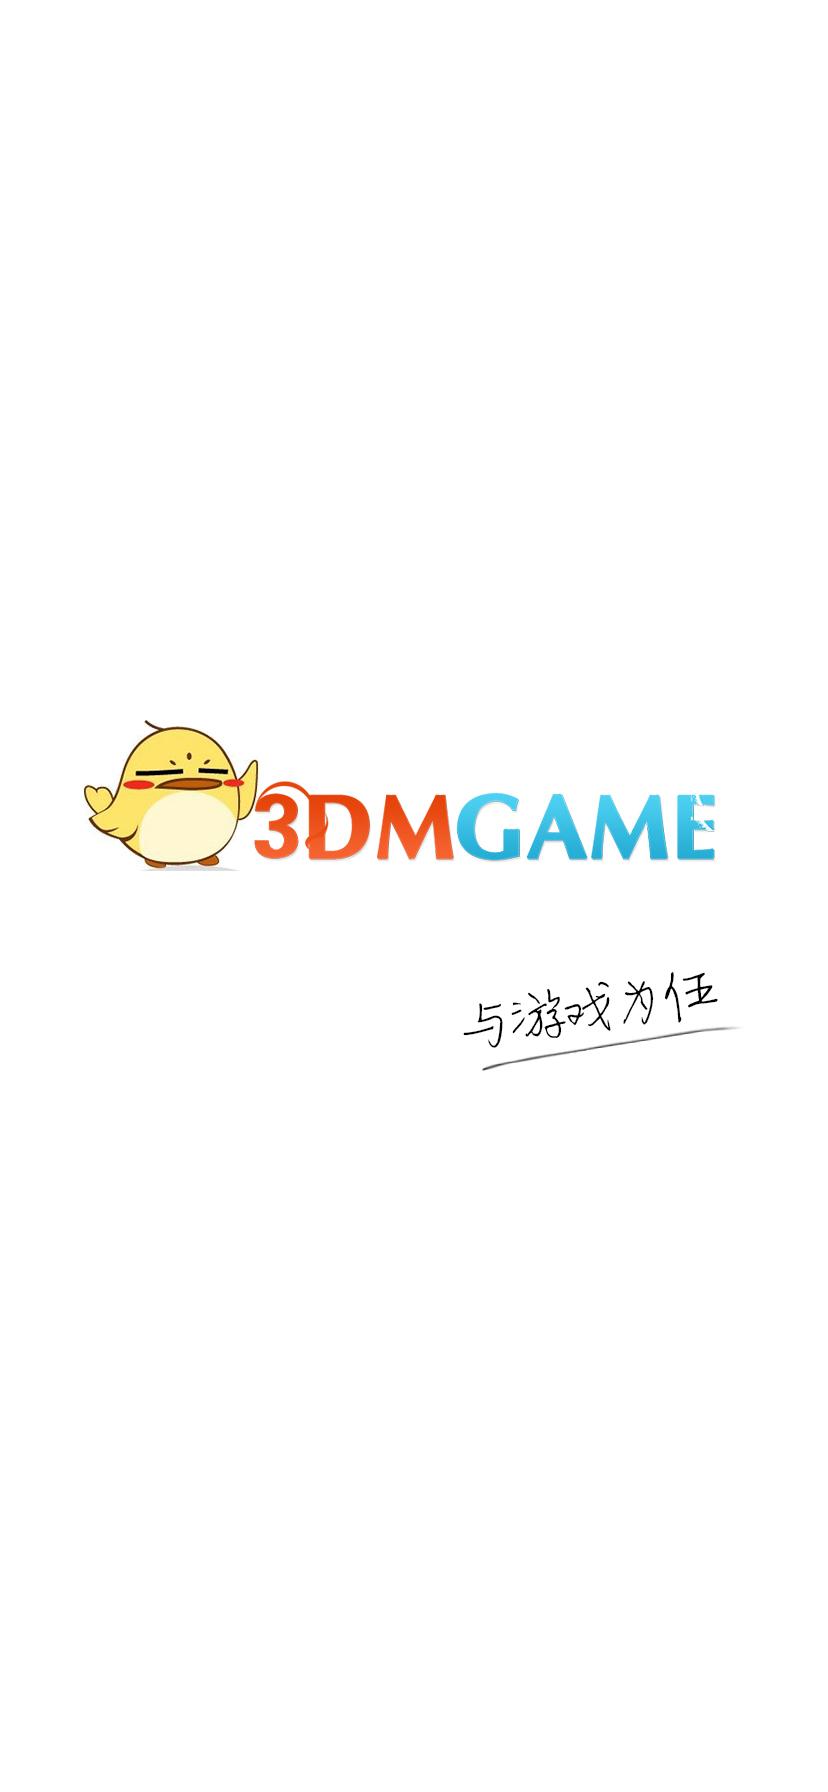 点击此文字登录3DM论坛帐号即可进入游戏